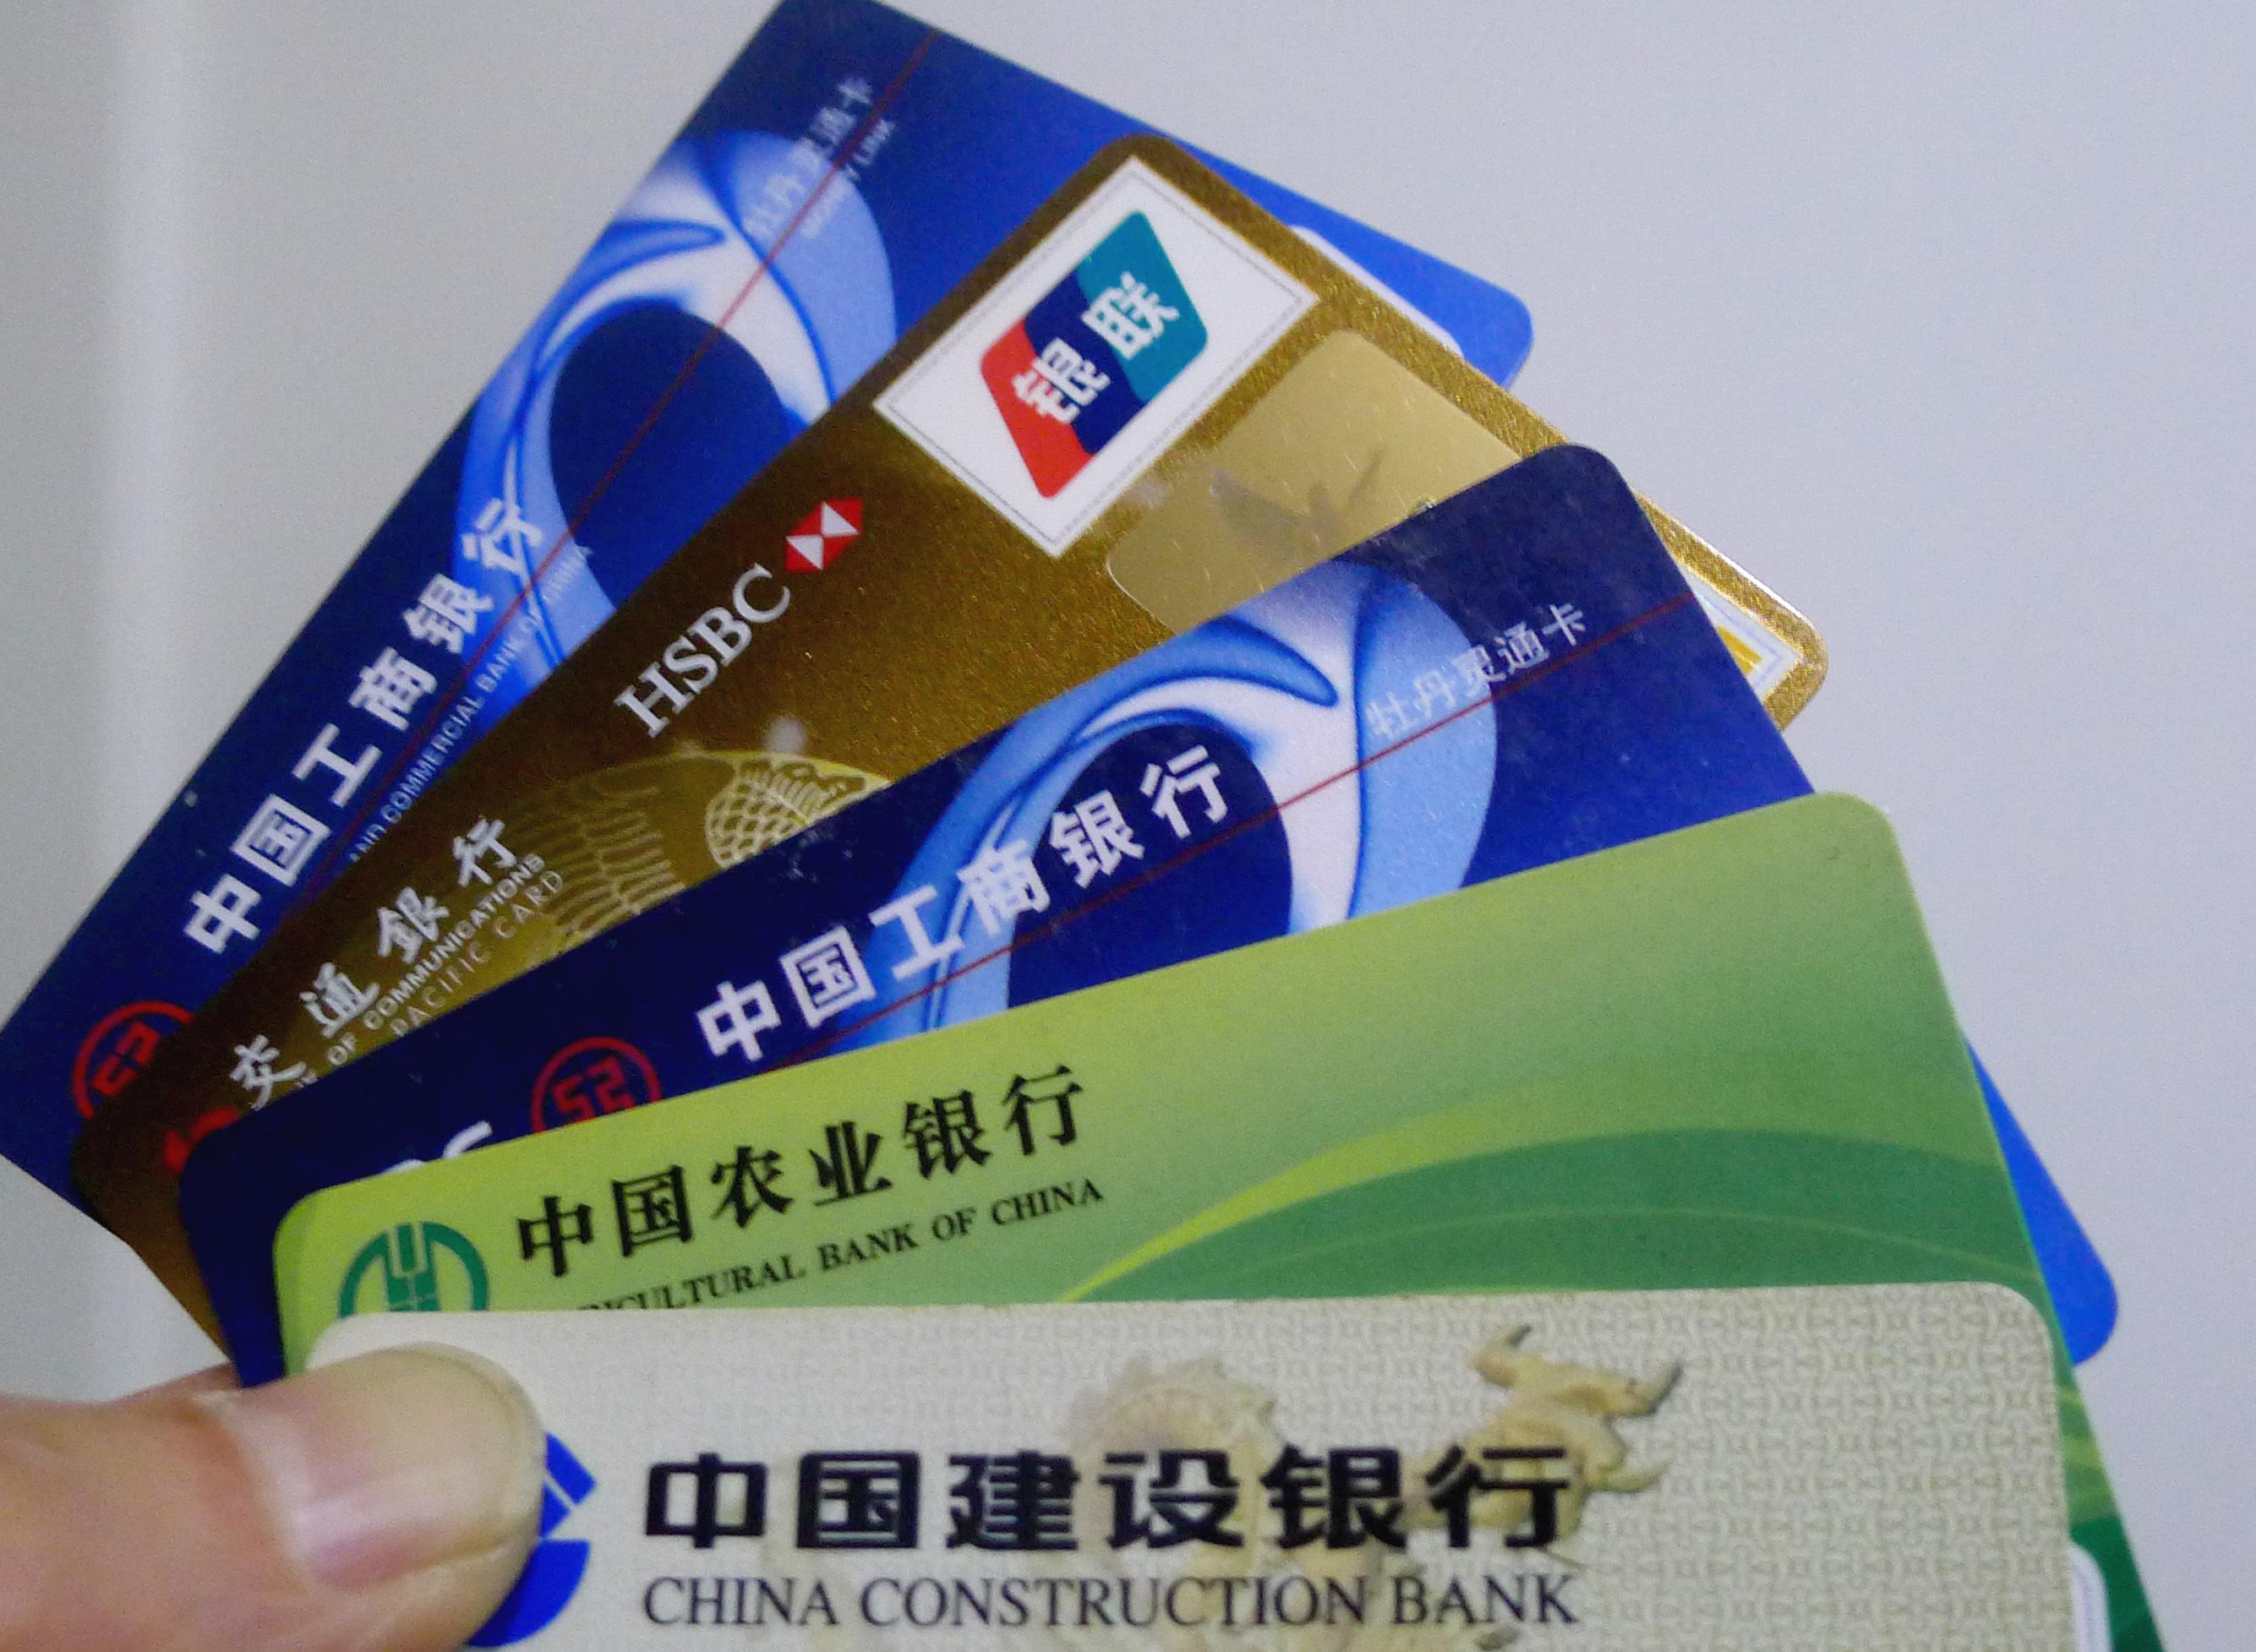 信用卡申请被拒了,别再申请,先检查这6个方面原因